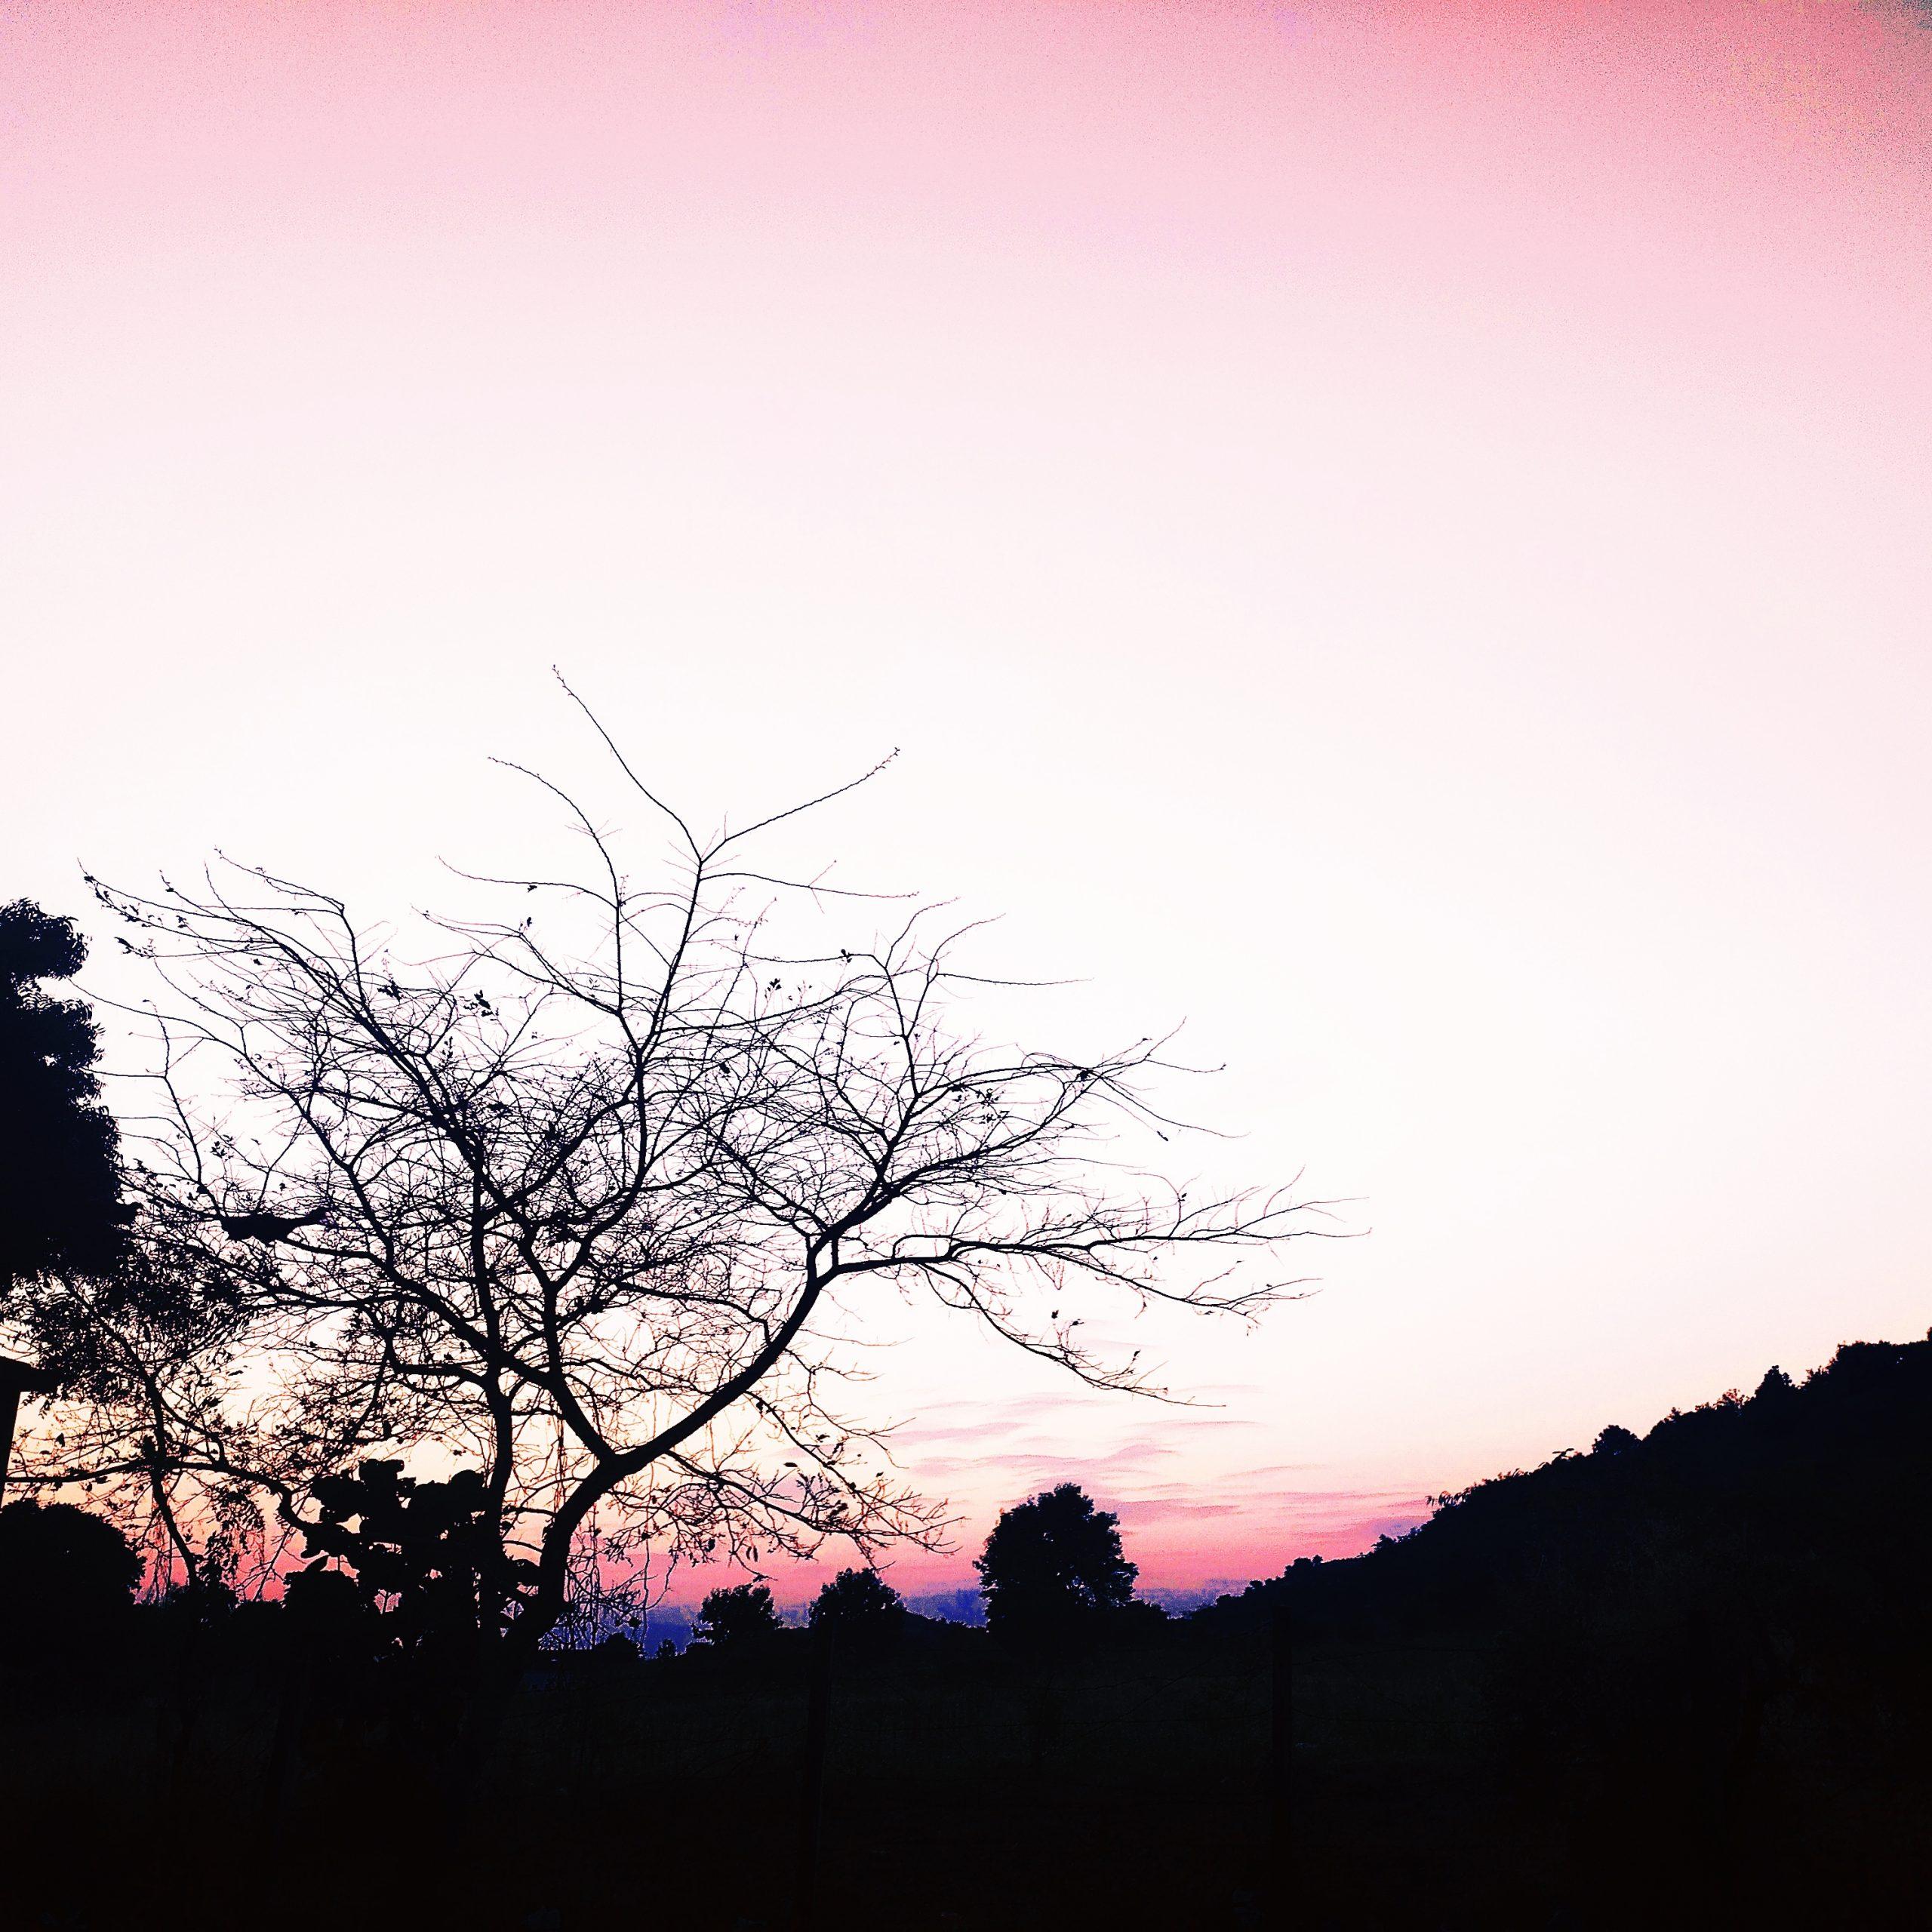 An evening